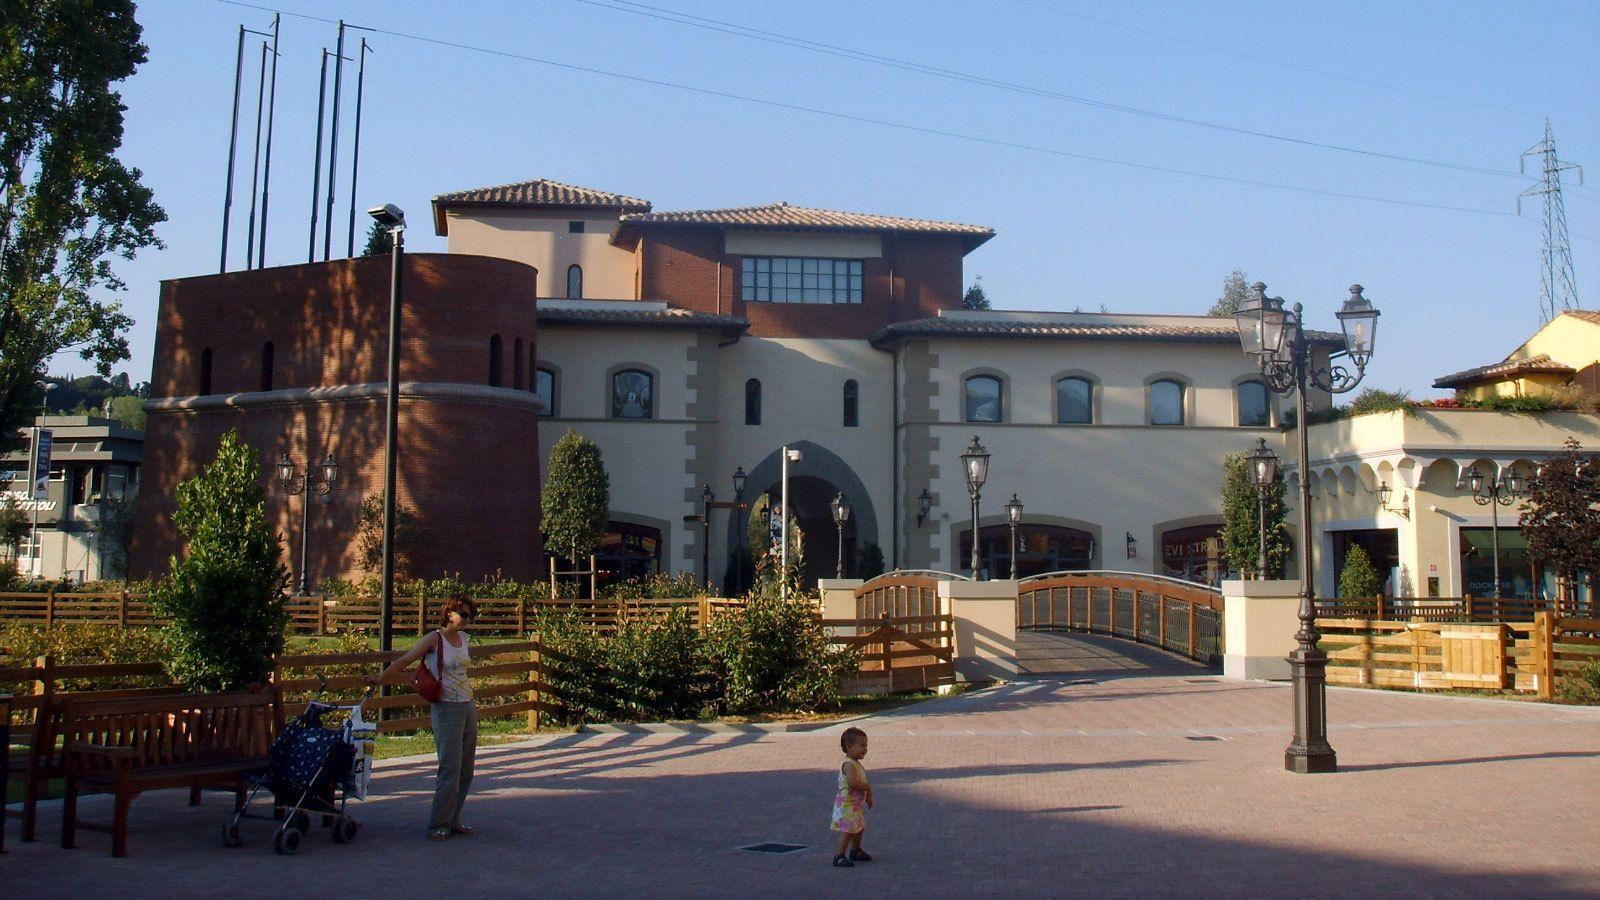 vicolungo outlet exterior near Milan